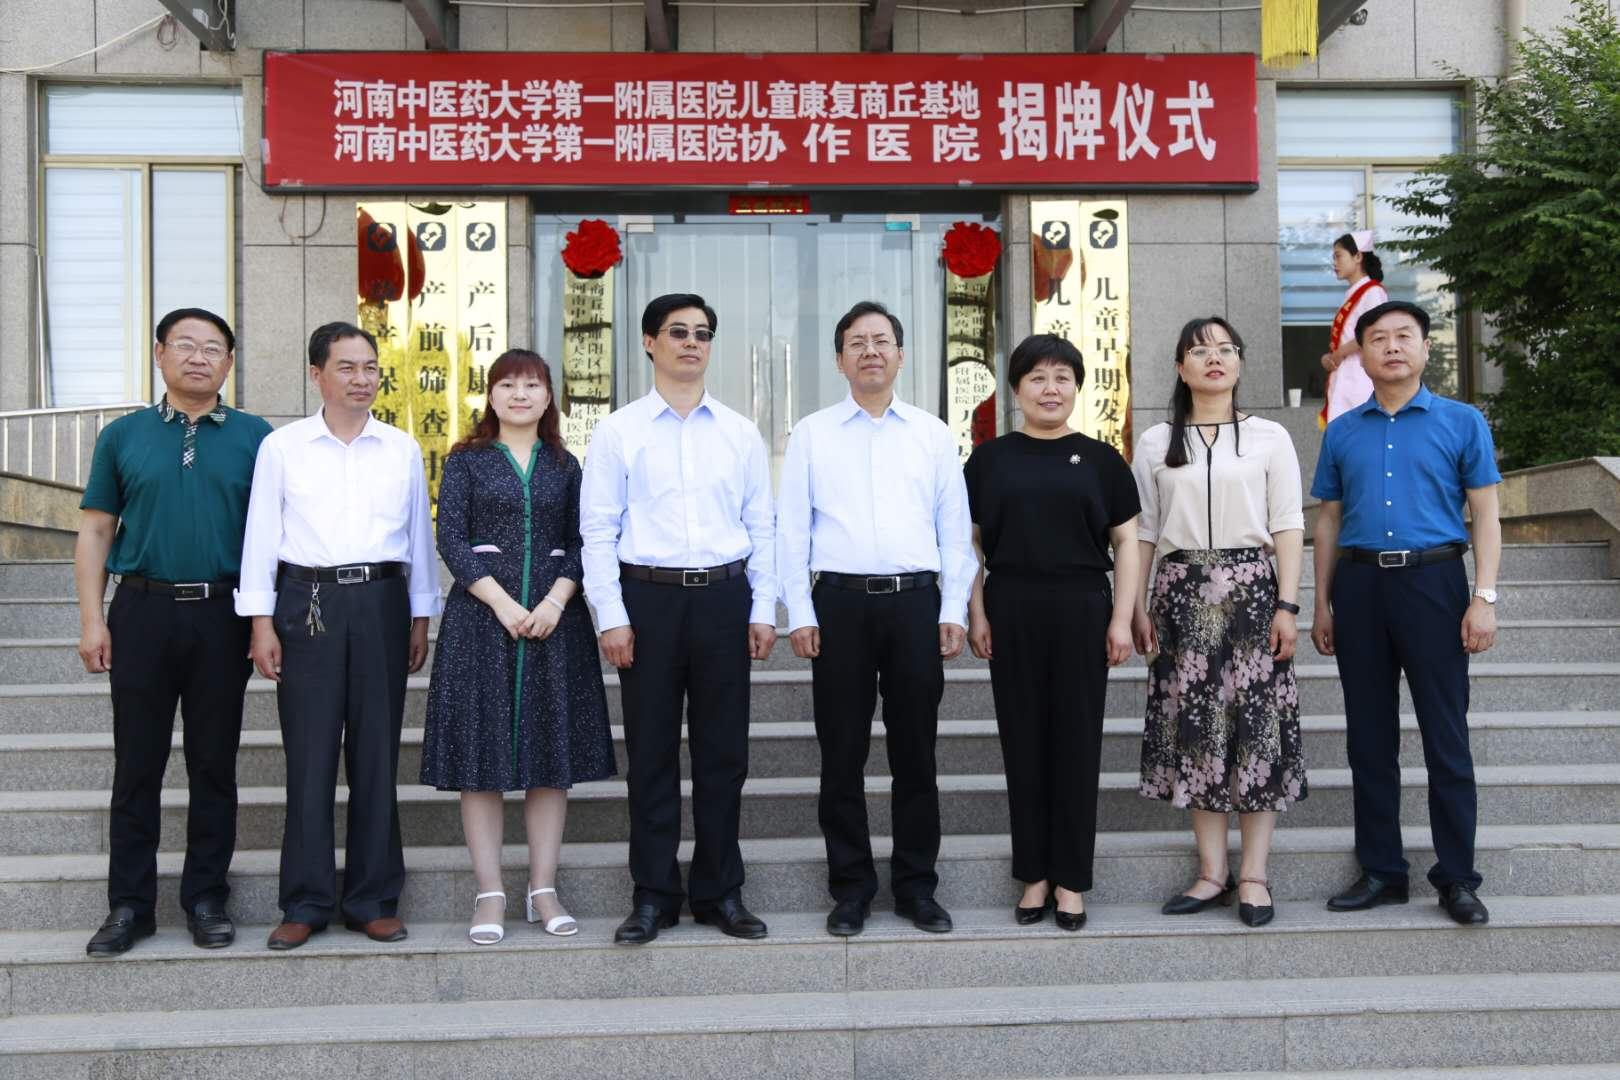 睢阳区与省中医药大学第一附属医院启动儿童康复商丘基地建设